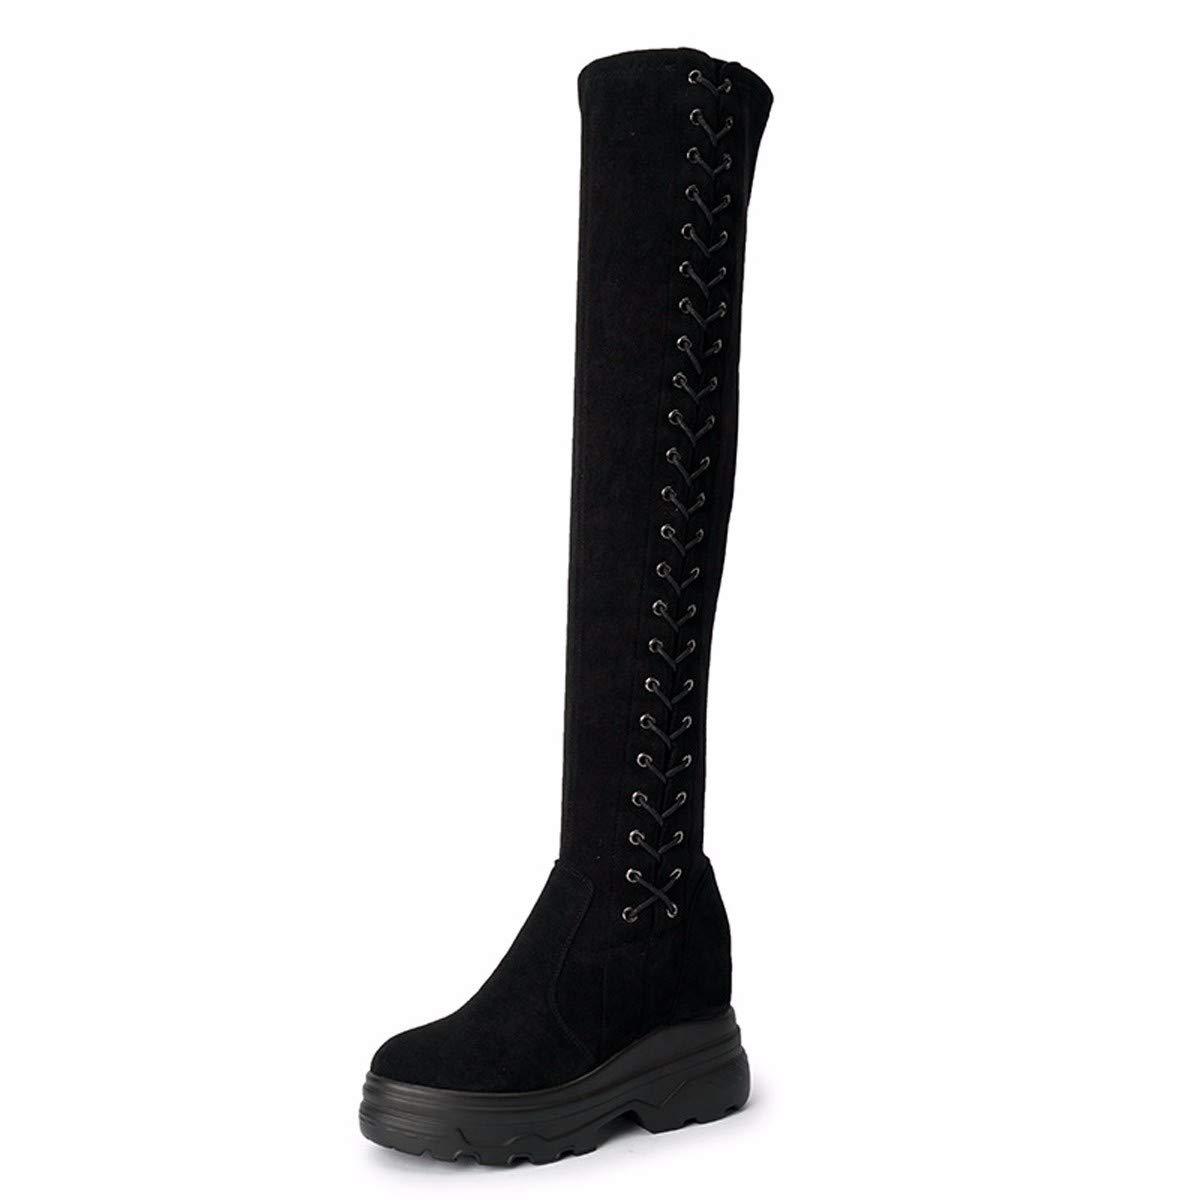 LBTSQ Damenschuhe - Knie Hohe Stiefel Heel 8 cm Schnallen Dicke Hintern Stiefel 100 Sätze Wildleder Slim Elastische Stiefel